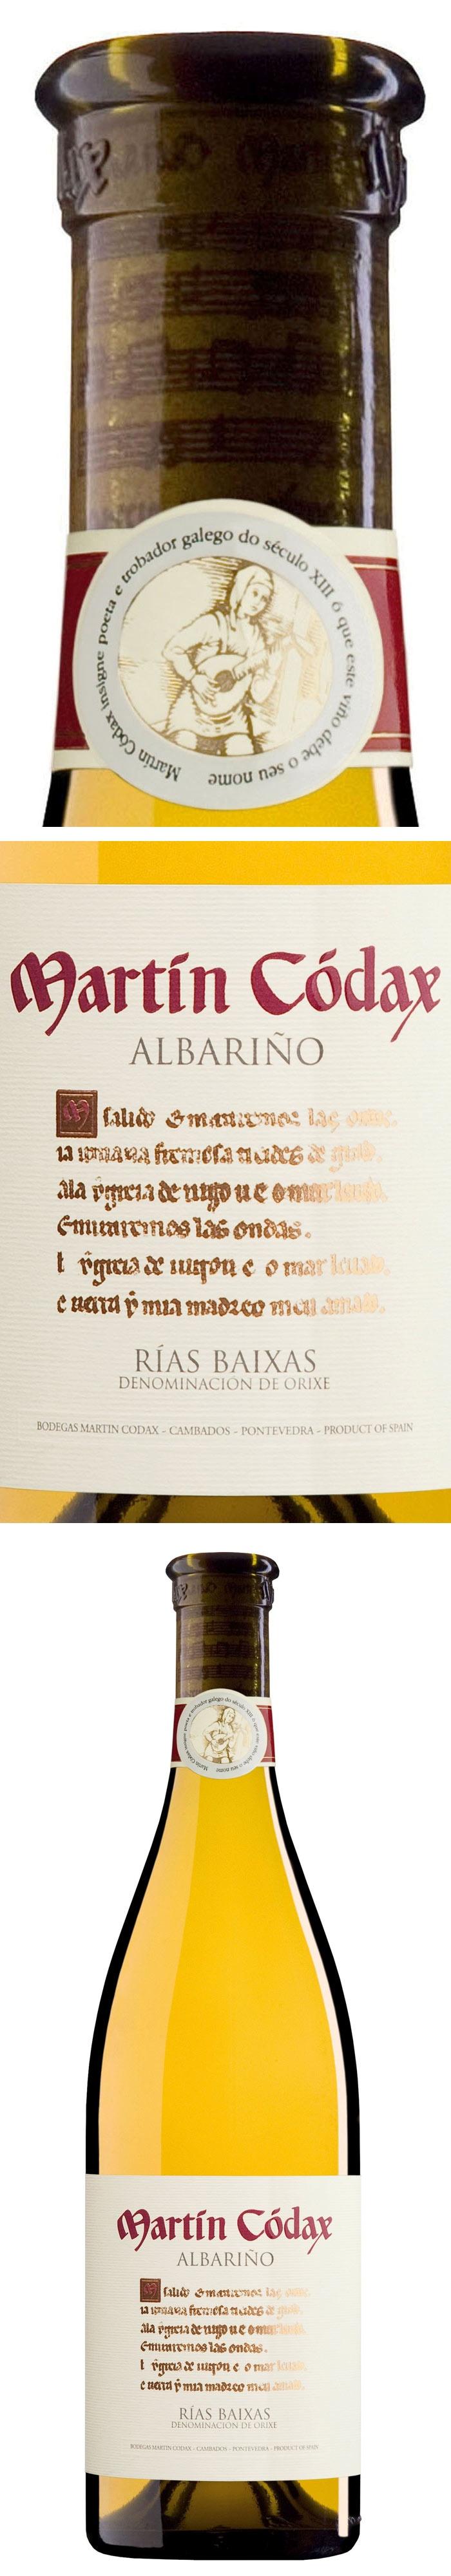 El International Wine Challenge (IWC Londres), ha galardonado a los vinos de Bodegas Martín Códax con un total de 9 medallas. 3 medallas de oro, otorgados a los vinos que la bodega elabora en el Bierzo, Cuatro Pasos, Pizarras de Otero y Escondite Perfecto; 4 medallas de plata, para los albariños Martín Códax 2012, Organistrum 2010 y Caixas 2012 y para el godello elegido como el Mejor Vino Blanco de Galicia 2012, Mara Martín 2012. #vinosmaximum wine / vinho / vino mxm